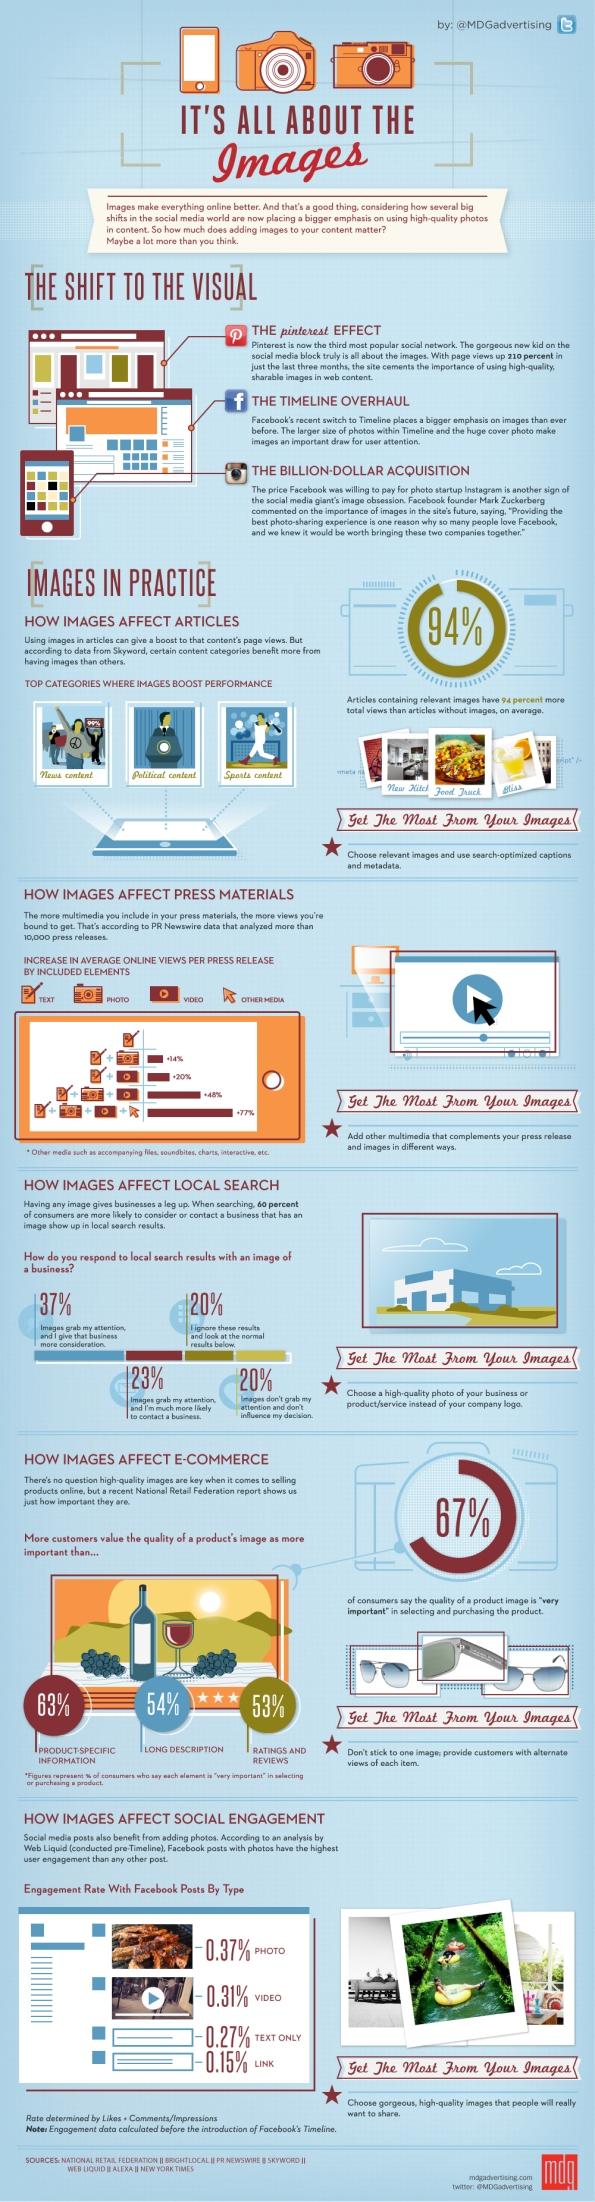 Como las Imágenes Afectan el Éxito de Su Blog [Infographic]